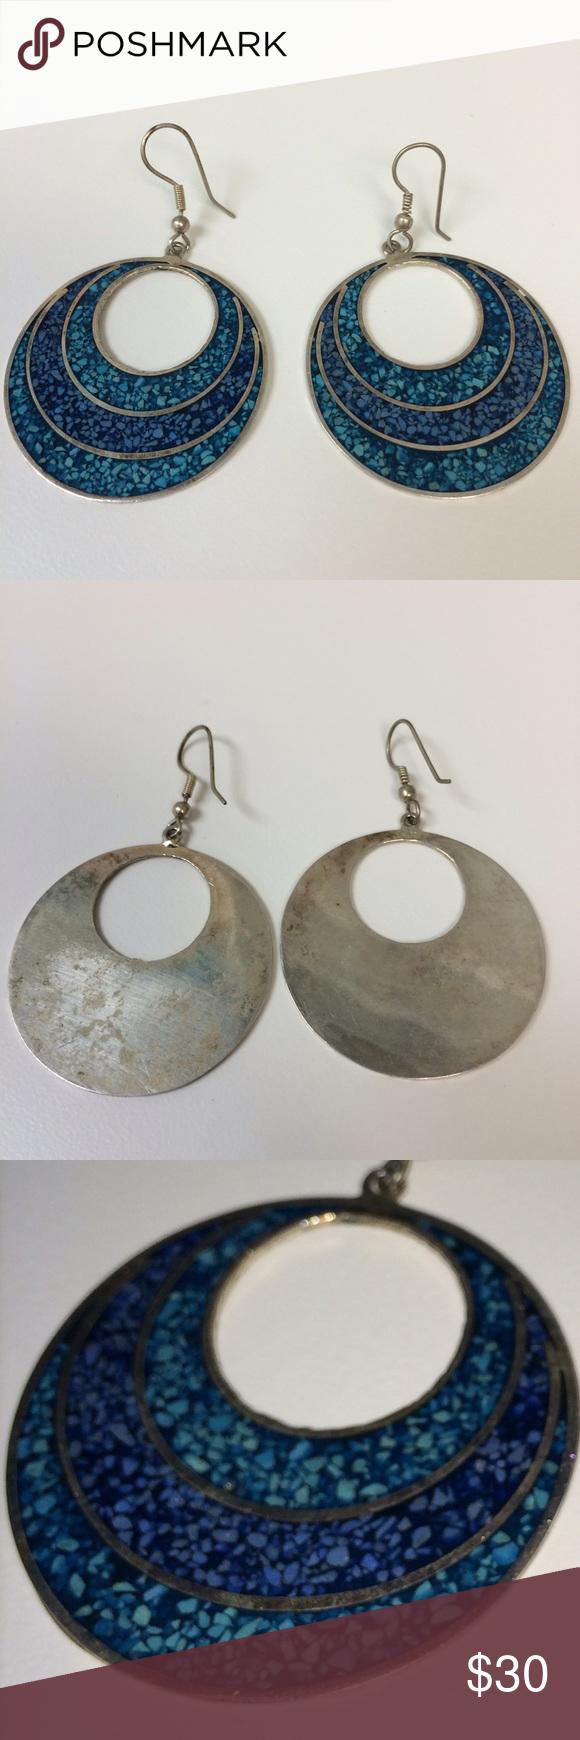 Earrings Earrings, no stamps Jewelry Earrings